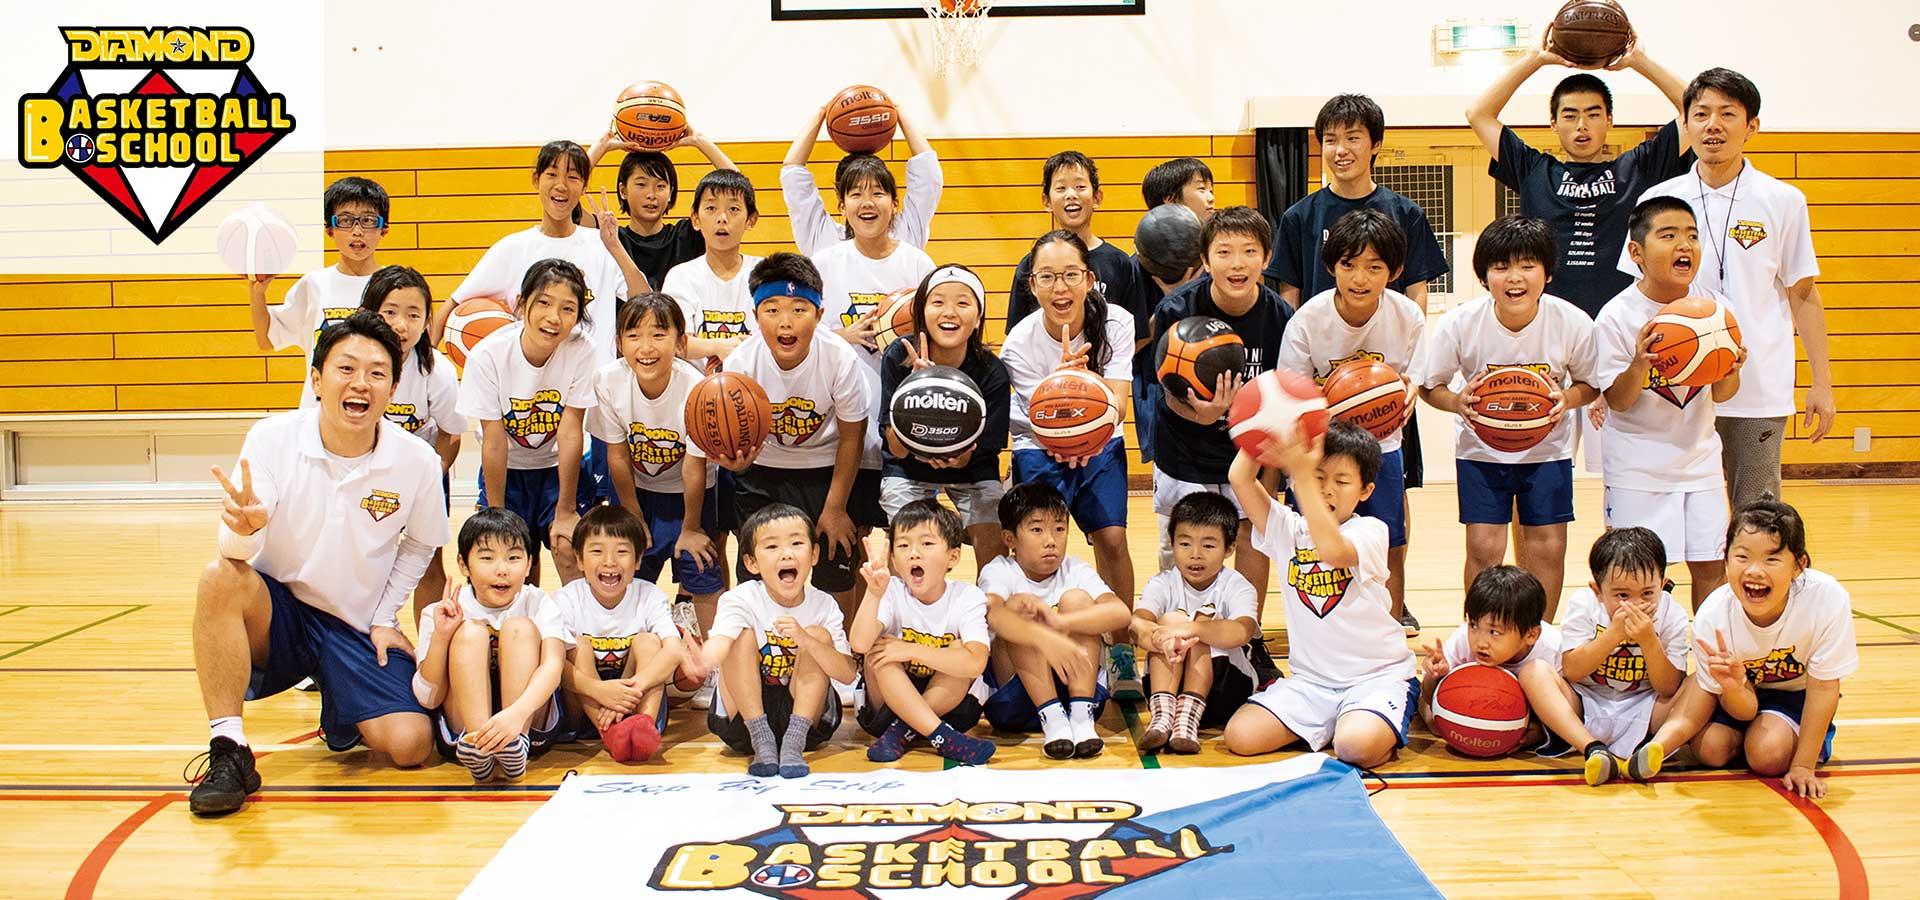 子供向けバスケ教室、大阪でトップクラスの通いやすさ